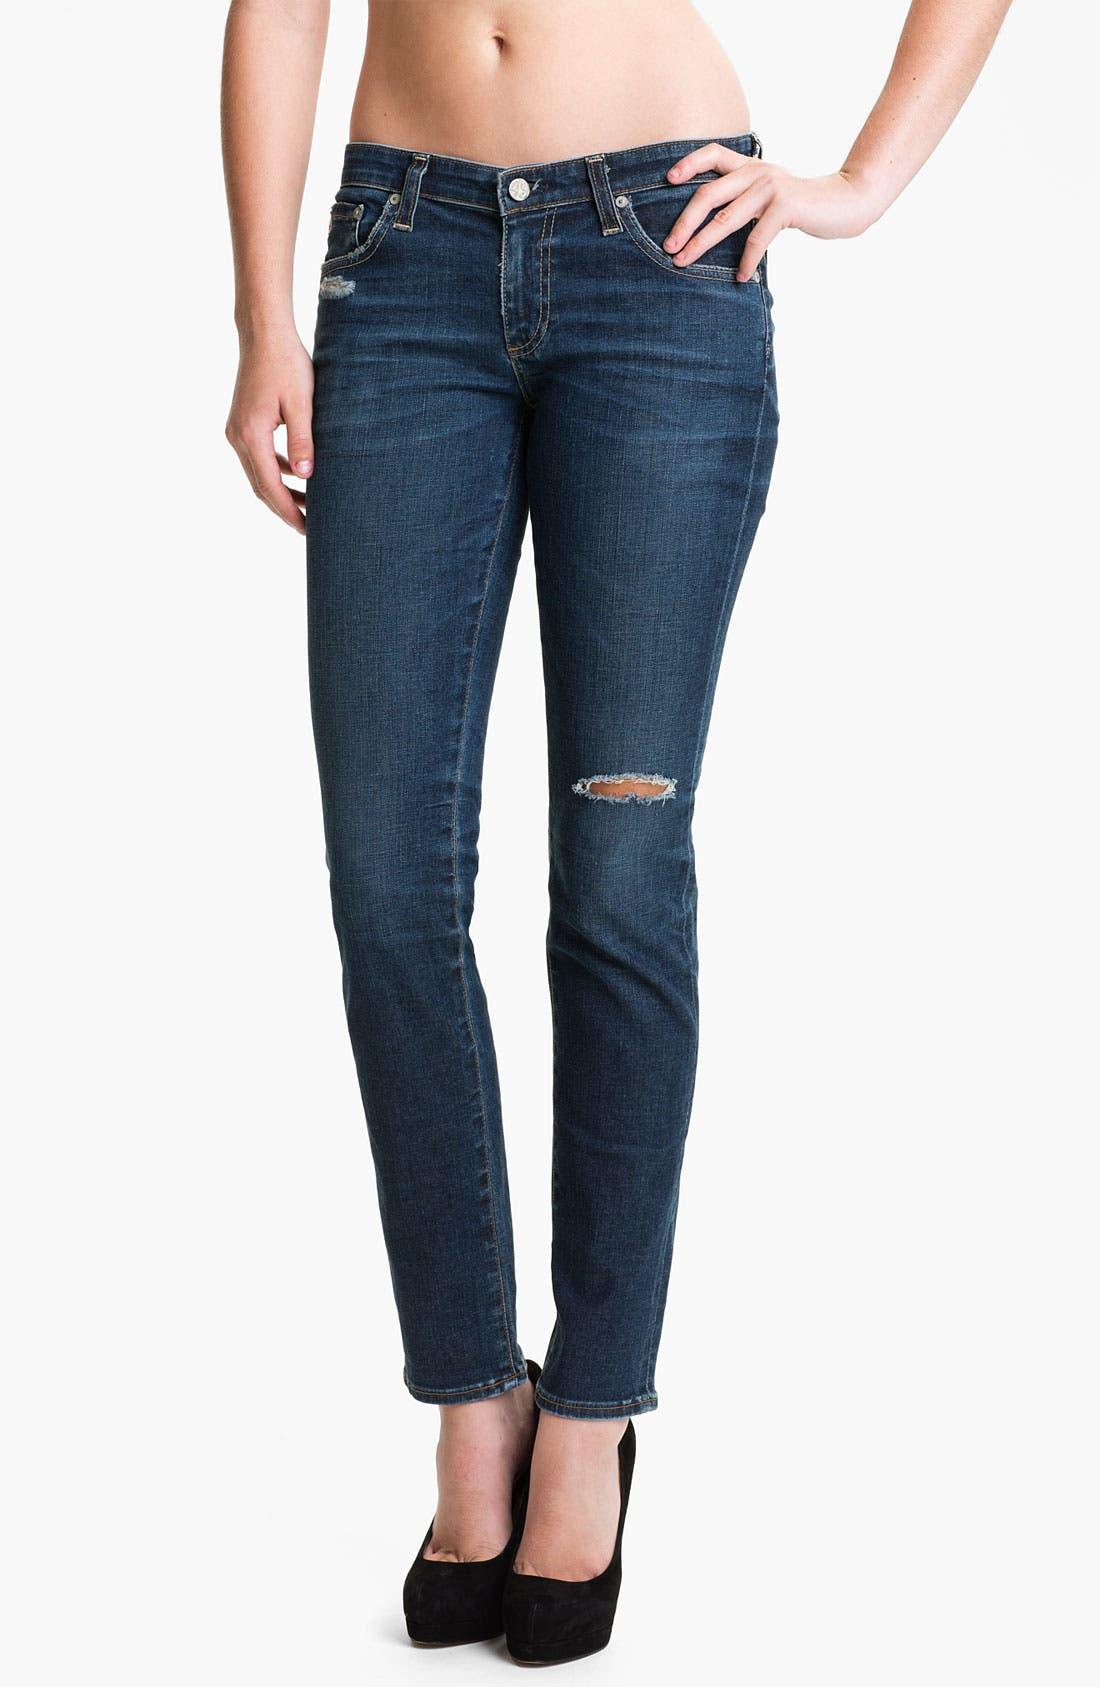 Alternate Image 1 Selected - AG Jeans 'The Stilt' Cigarette Leg Jeans (Six Year Rinse)